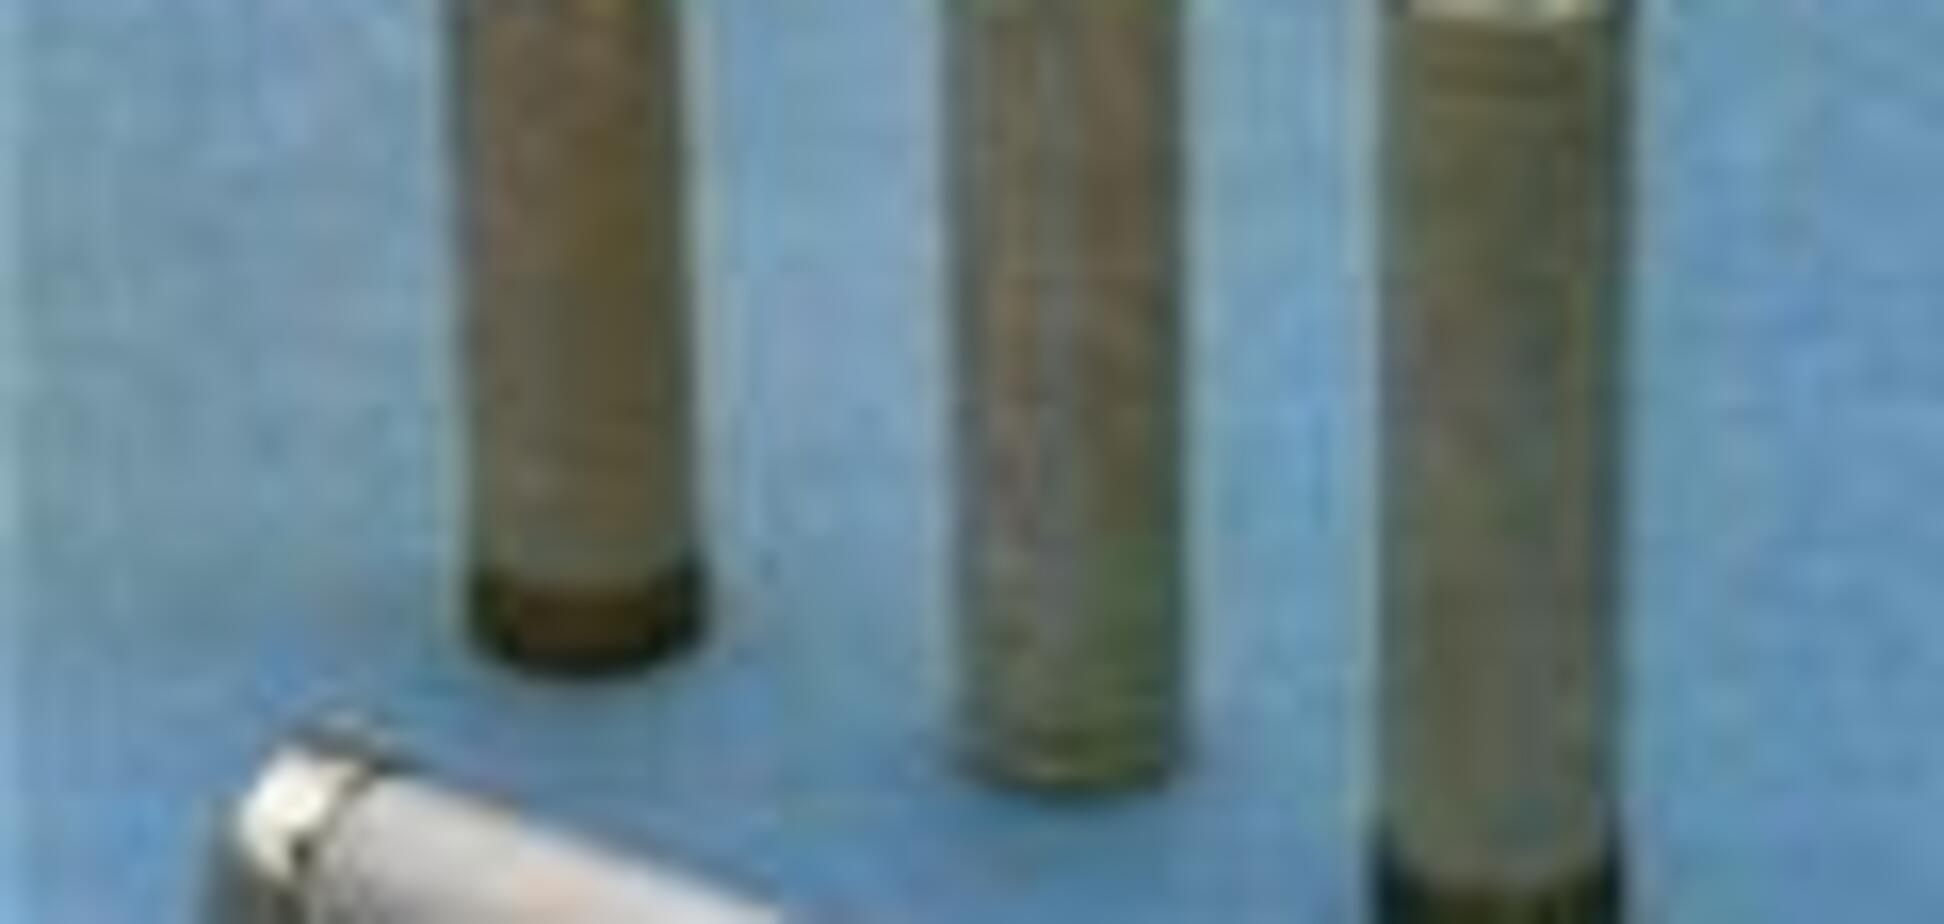 На вулиці Ракетної знайшли дев'ять ракет